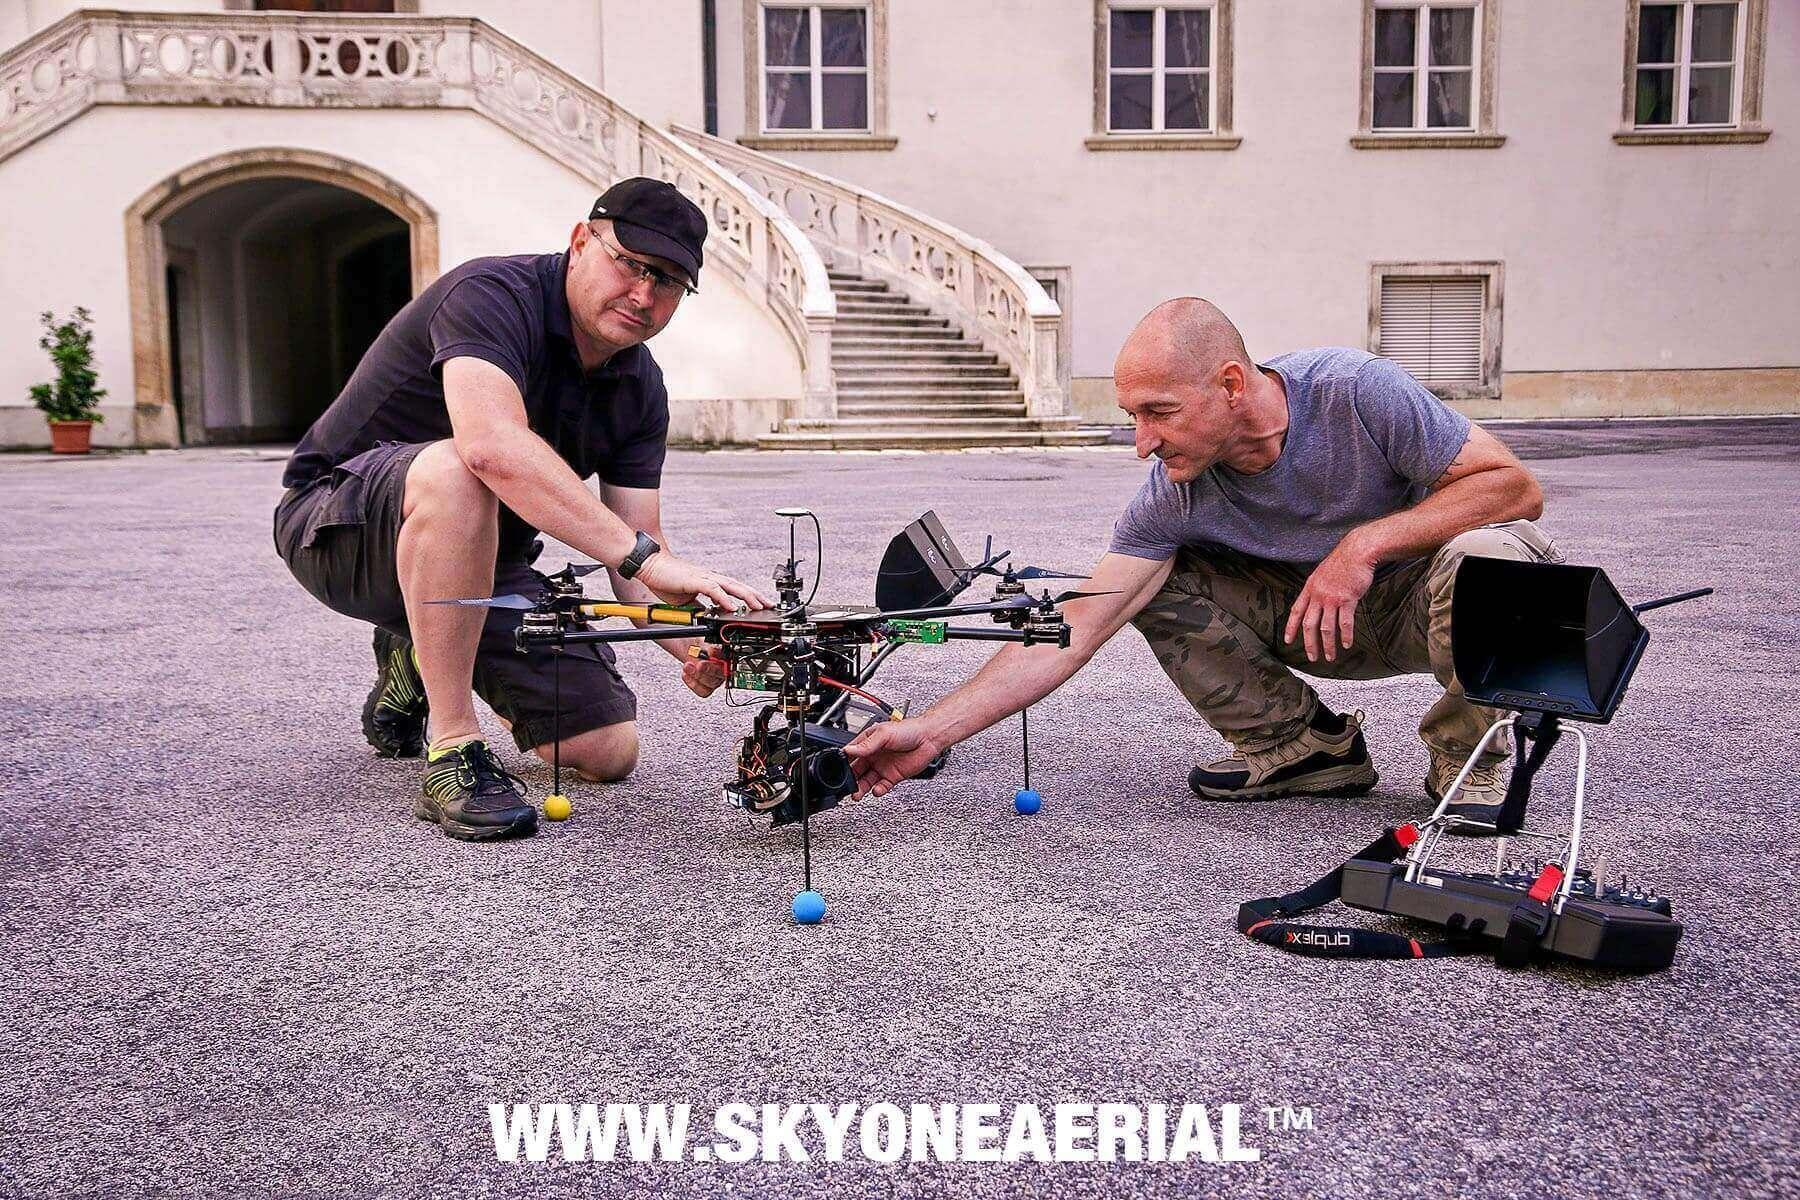 Team von SkyOneAerial